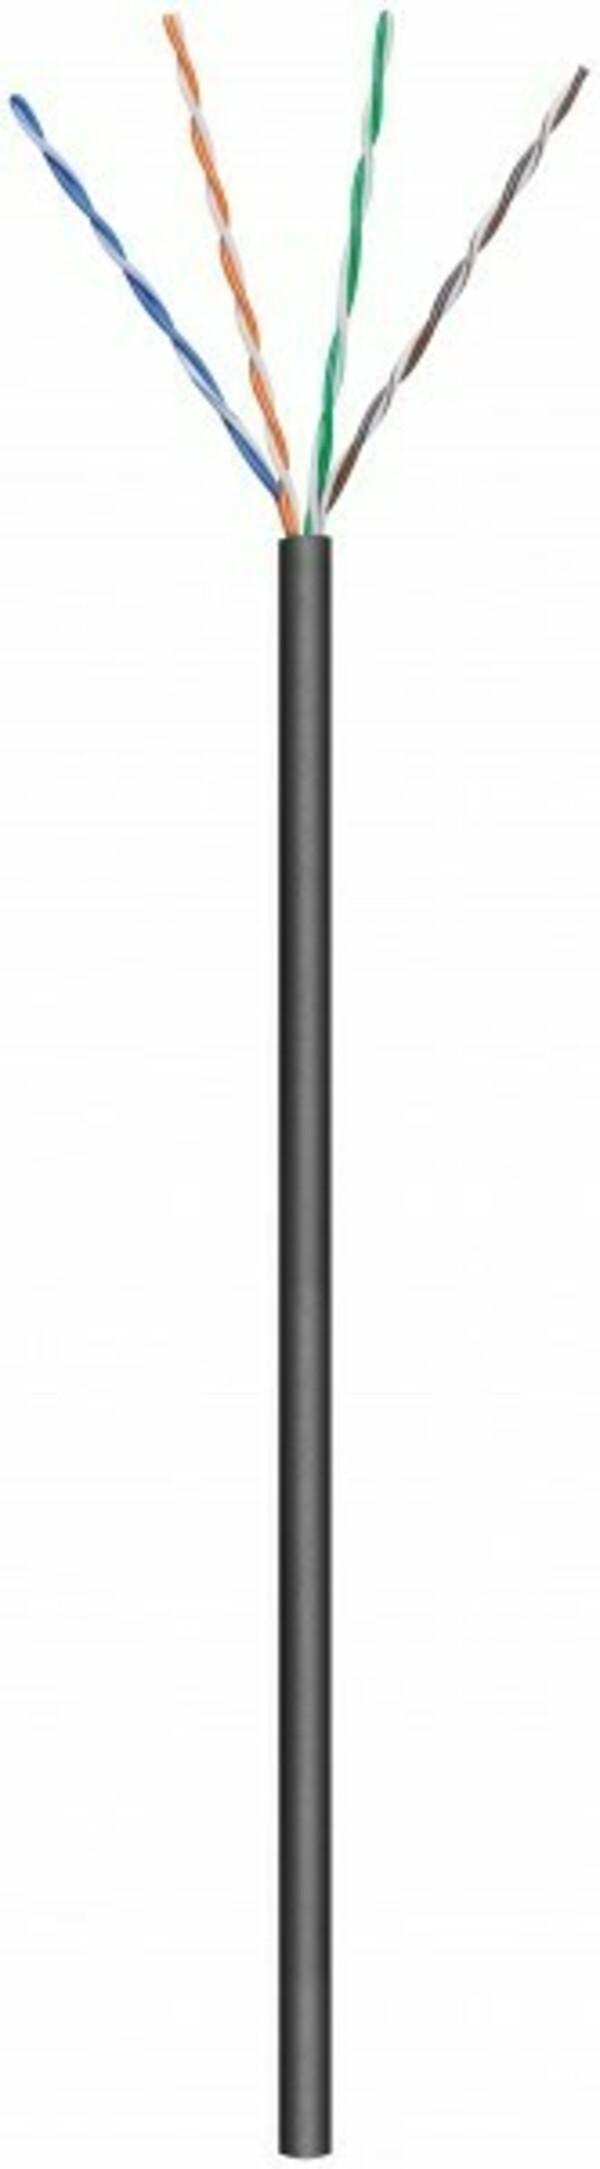 Afbeelding van CAT6 U/UTP 100m buitenkabel op rol soepel zwart CCA